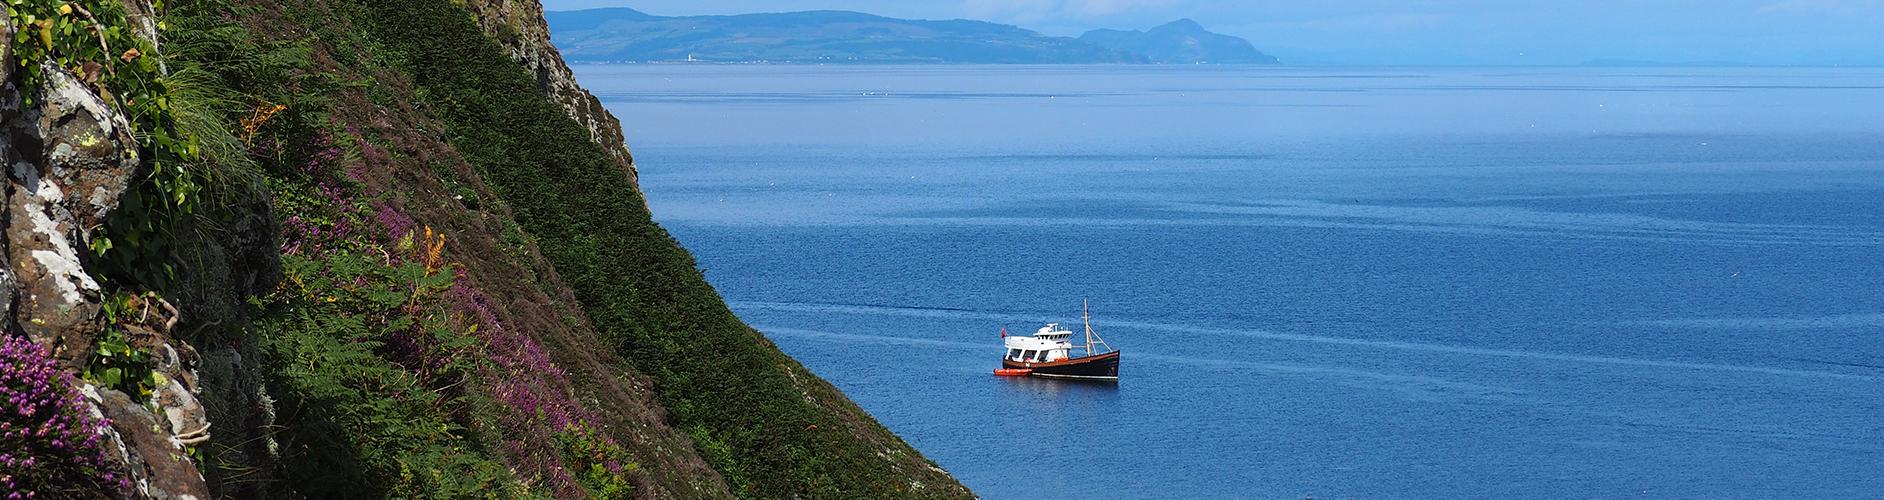 Cruising Area|Scottish Cruises|Holiday|Bespoke Holiday|Scotland